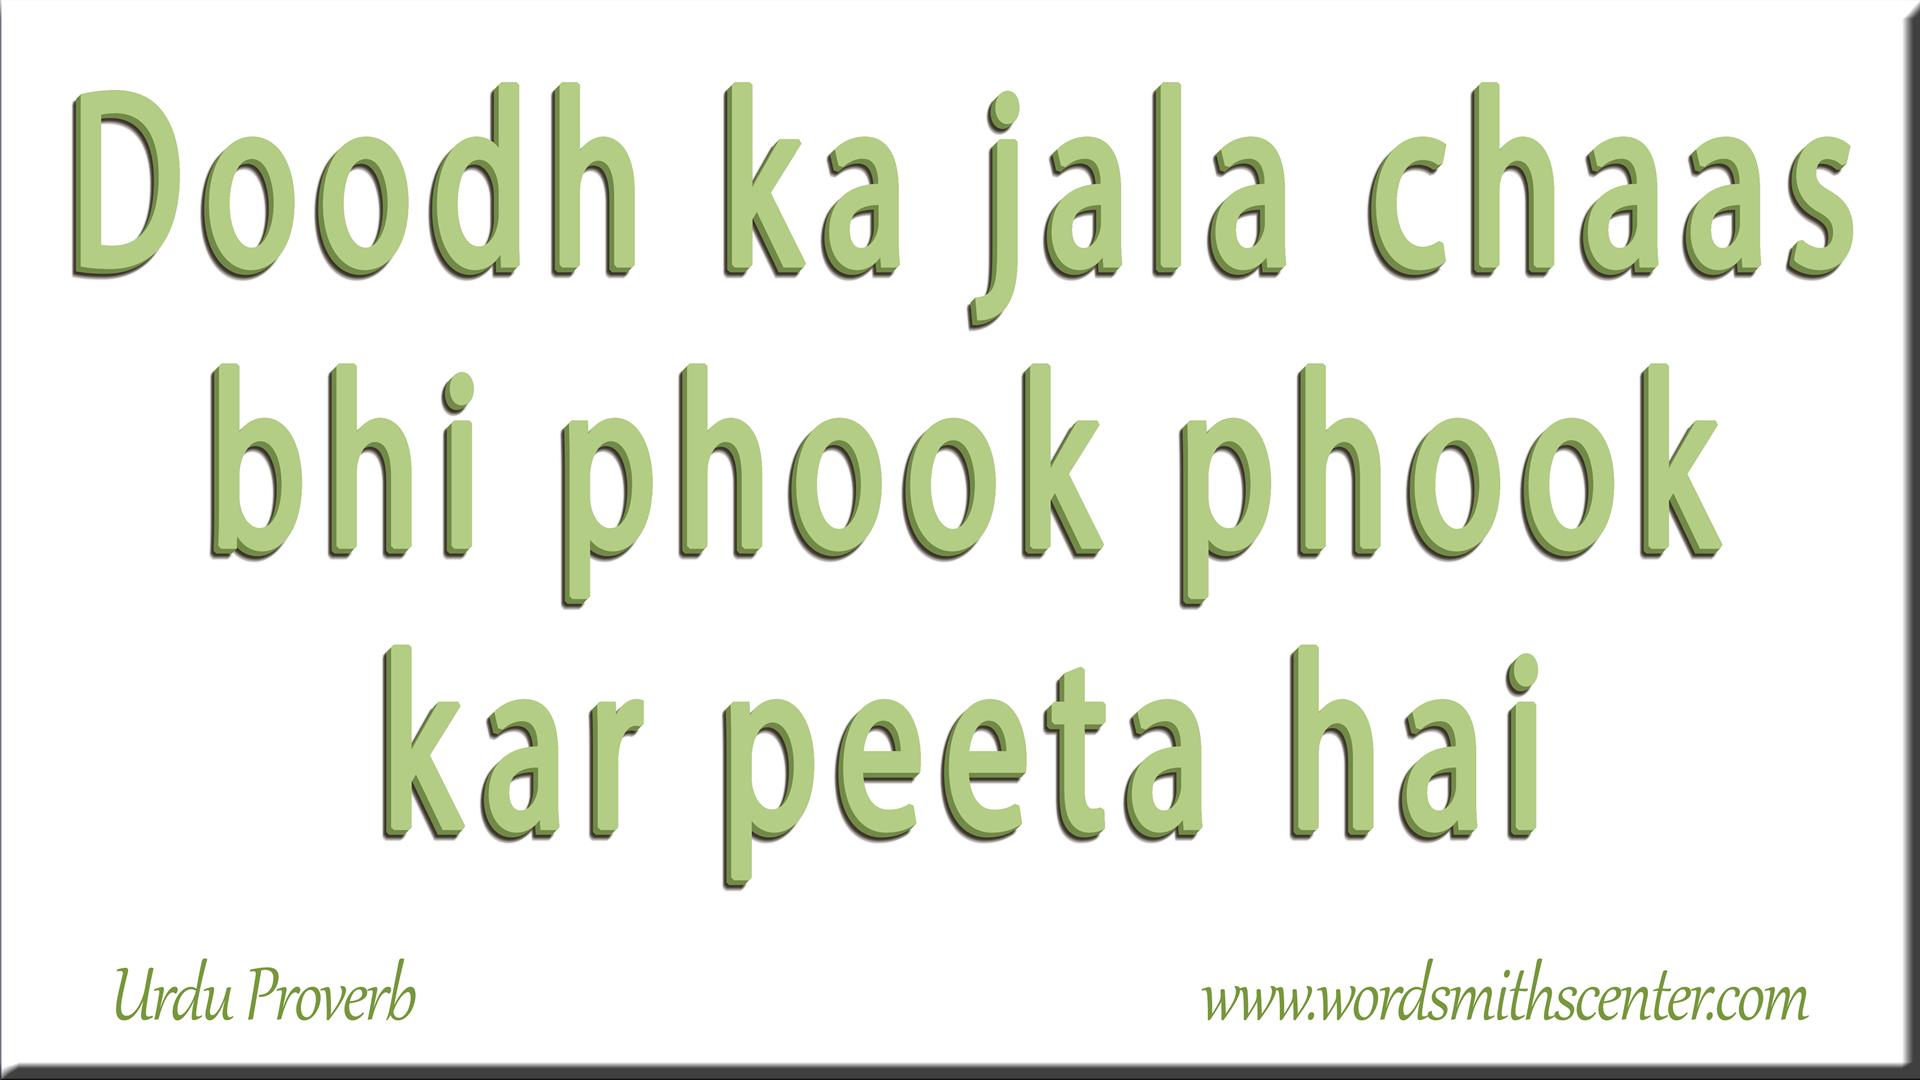 Doodh ka jala chaas bhi phook phook kar peeta hai